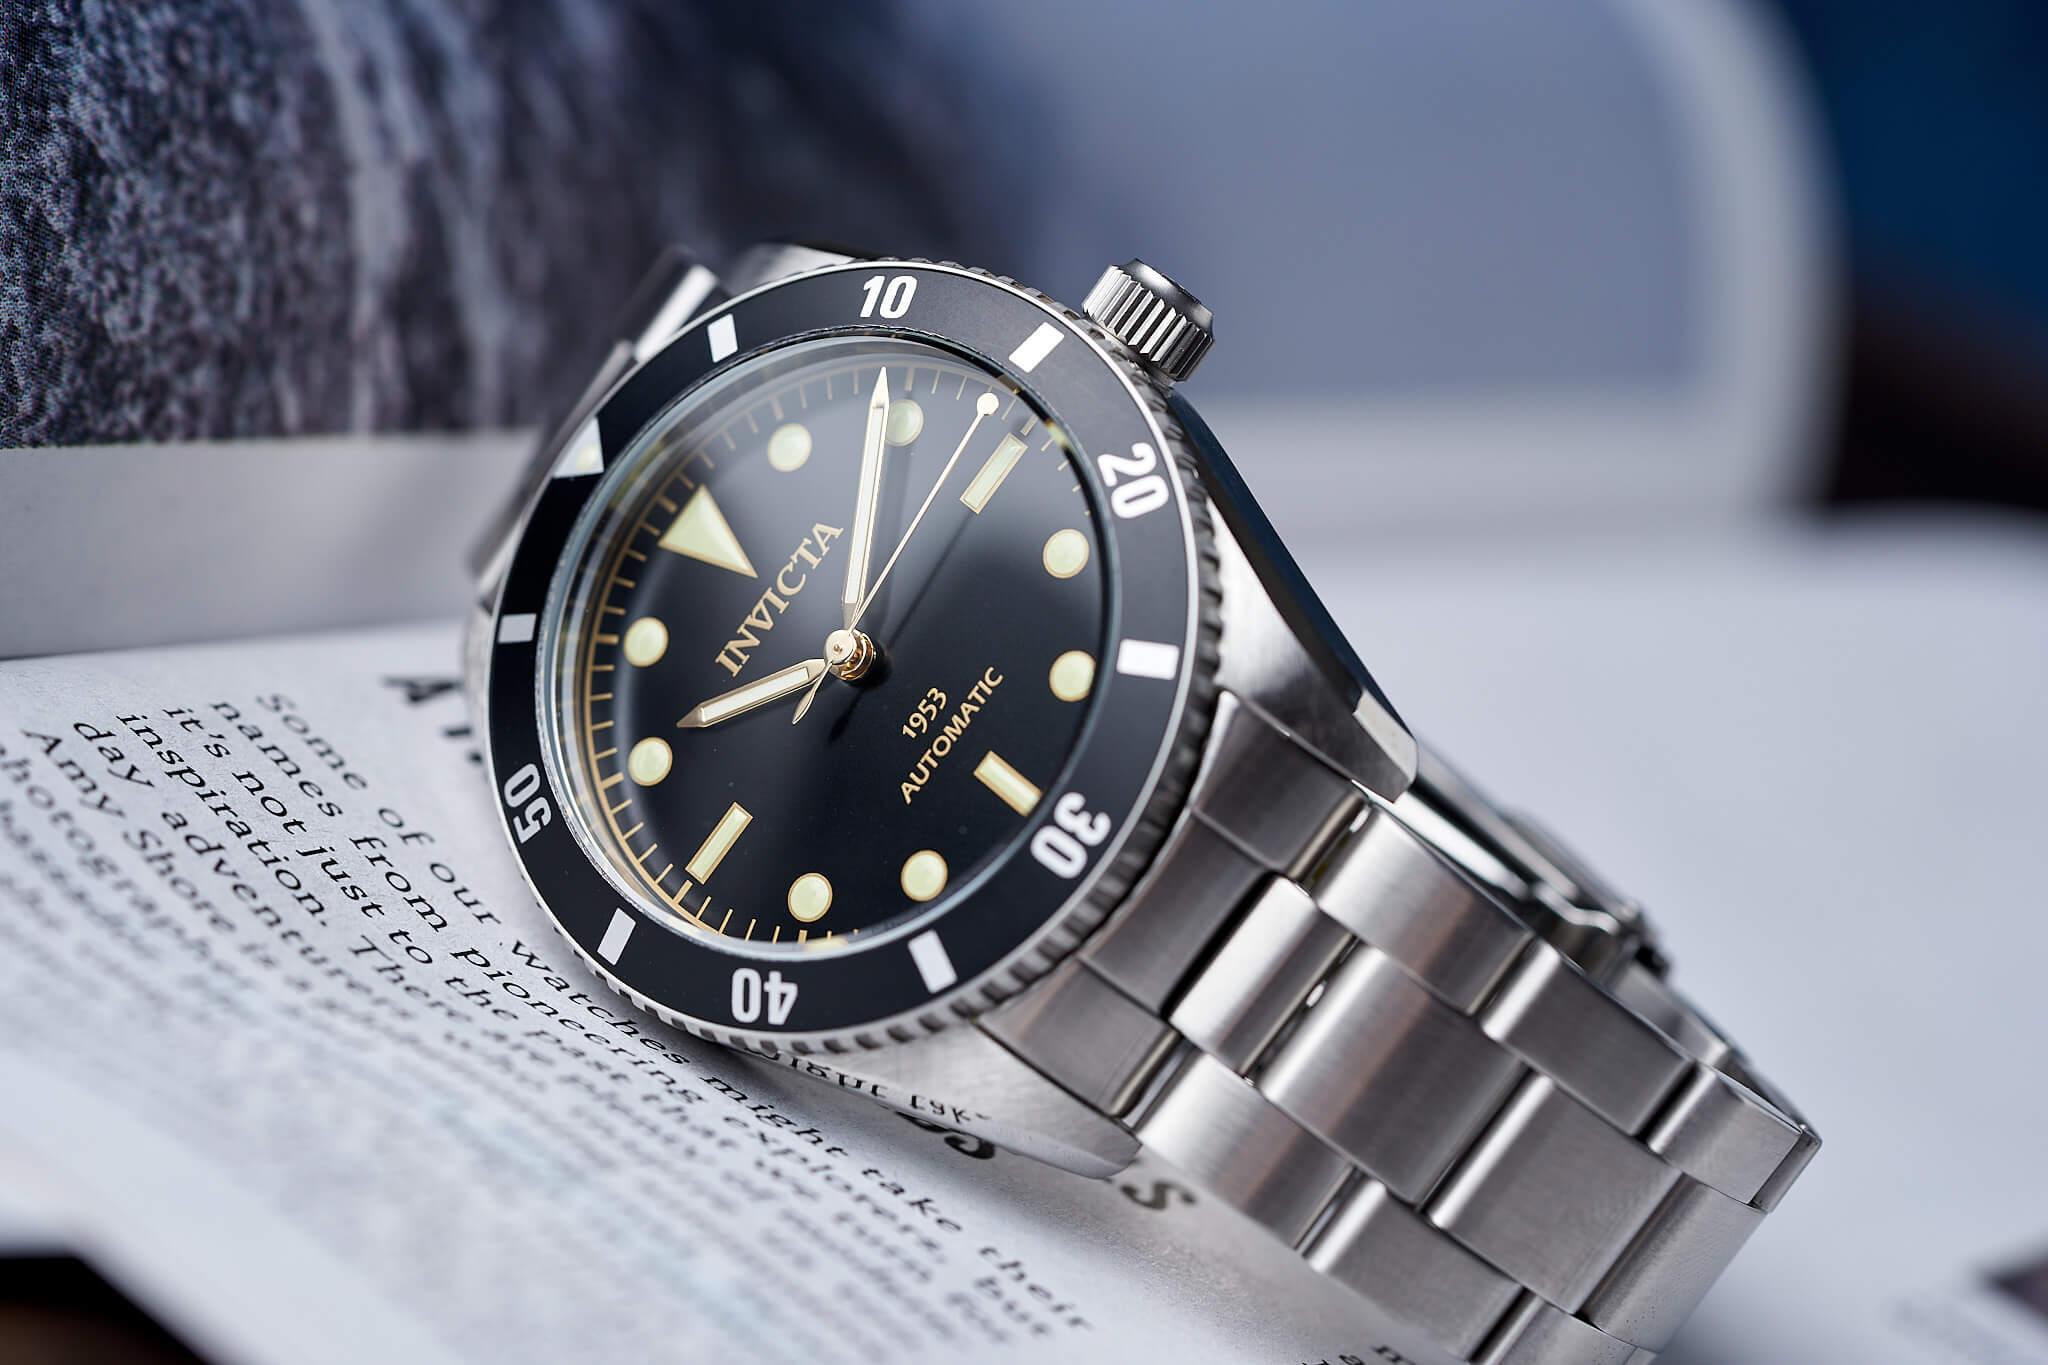 Invicta-Pro-Diver-1953-31290-5